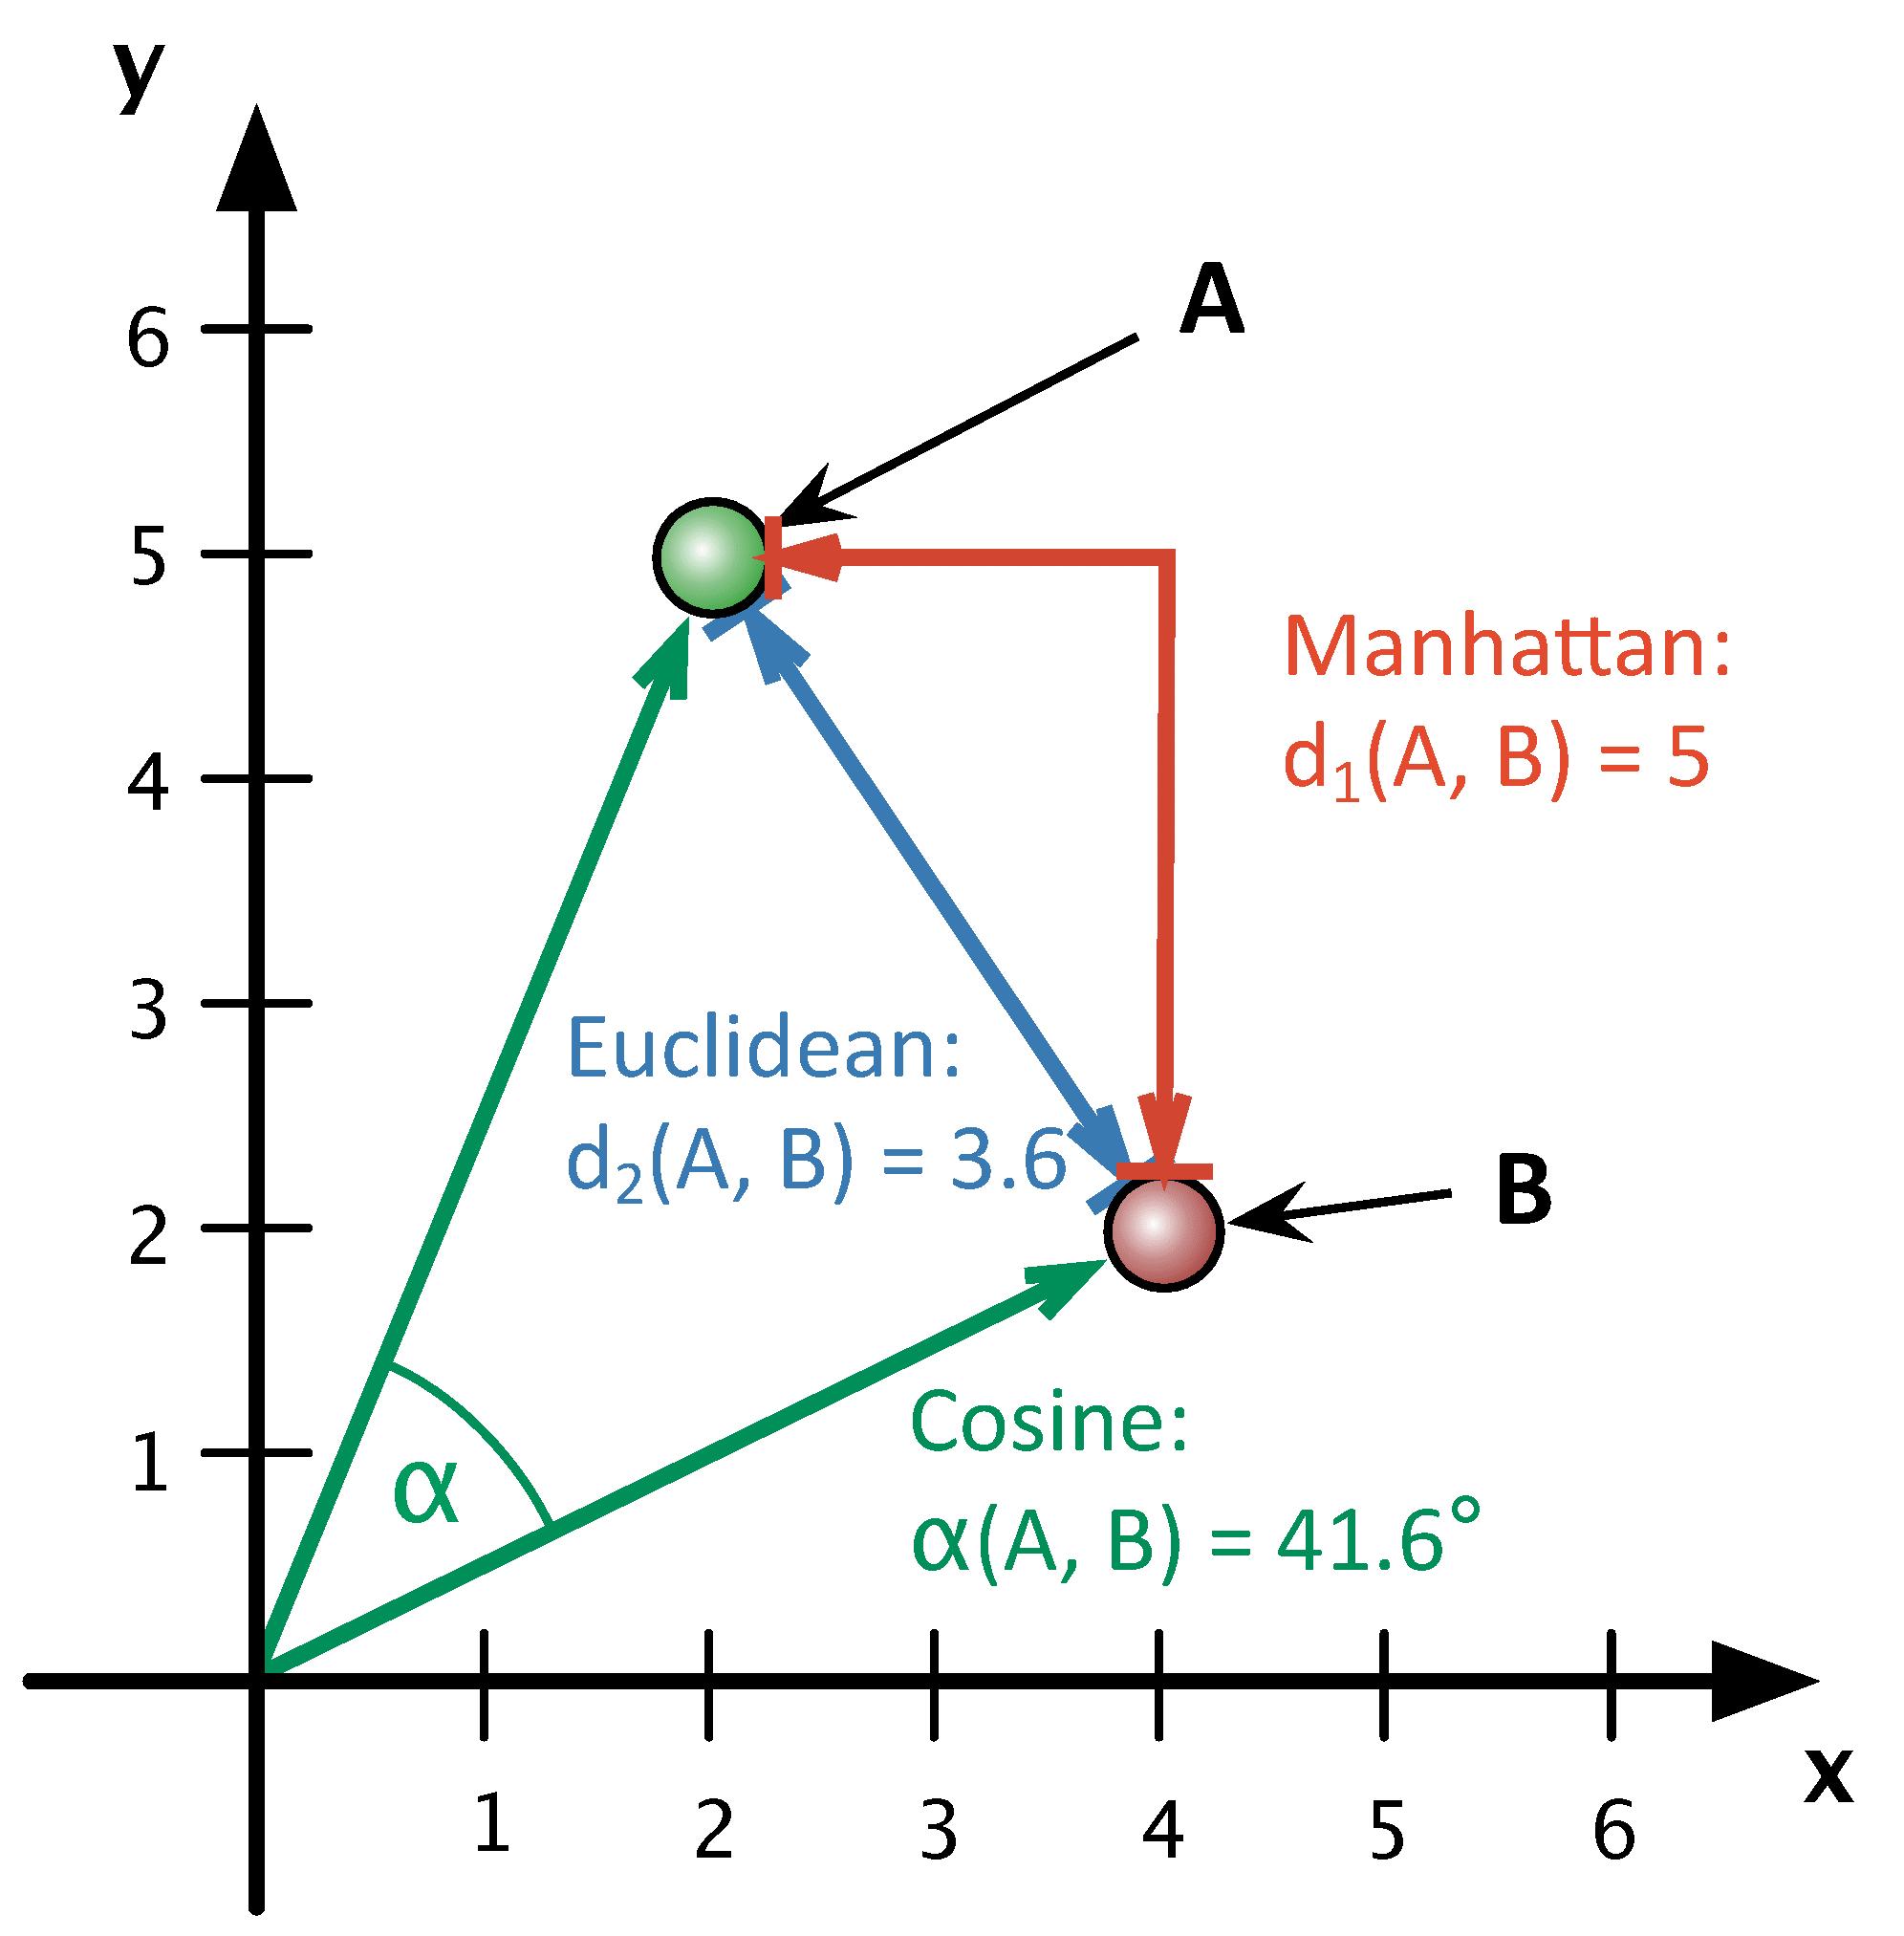 Abb. 3: Veranschaulichung des Abstands                                     zwischen zwei Texten A und B, wenn nur die zwei häufigsten                                     Wörter berücksichtigt werden (also m =                                     2). Burrows Delta verwendet den Manhattan-Abstand. Argamons                                     Vorschlag, den euklidischen Abstand zu verwenden (von ihm als                                     Quadratic Delta bezeichnet), verschlechterte die                                     Clustering-Ergebnisse, während der Vorschlag von Smith /                                     Aldridge, den Kosinus-Abstand bzw. Winkel zwischen den Vektoren                                     zu verwenden, eine deutliche Verbesserung erbrachte. [Stefan                                     Evert, 2017. Lizenziert unter Creative Commons Namensnennung 4.0                                     International (CC-BY)]